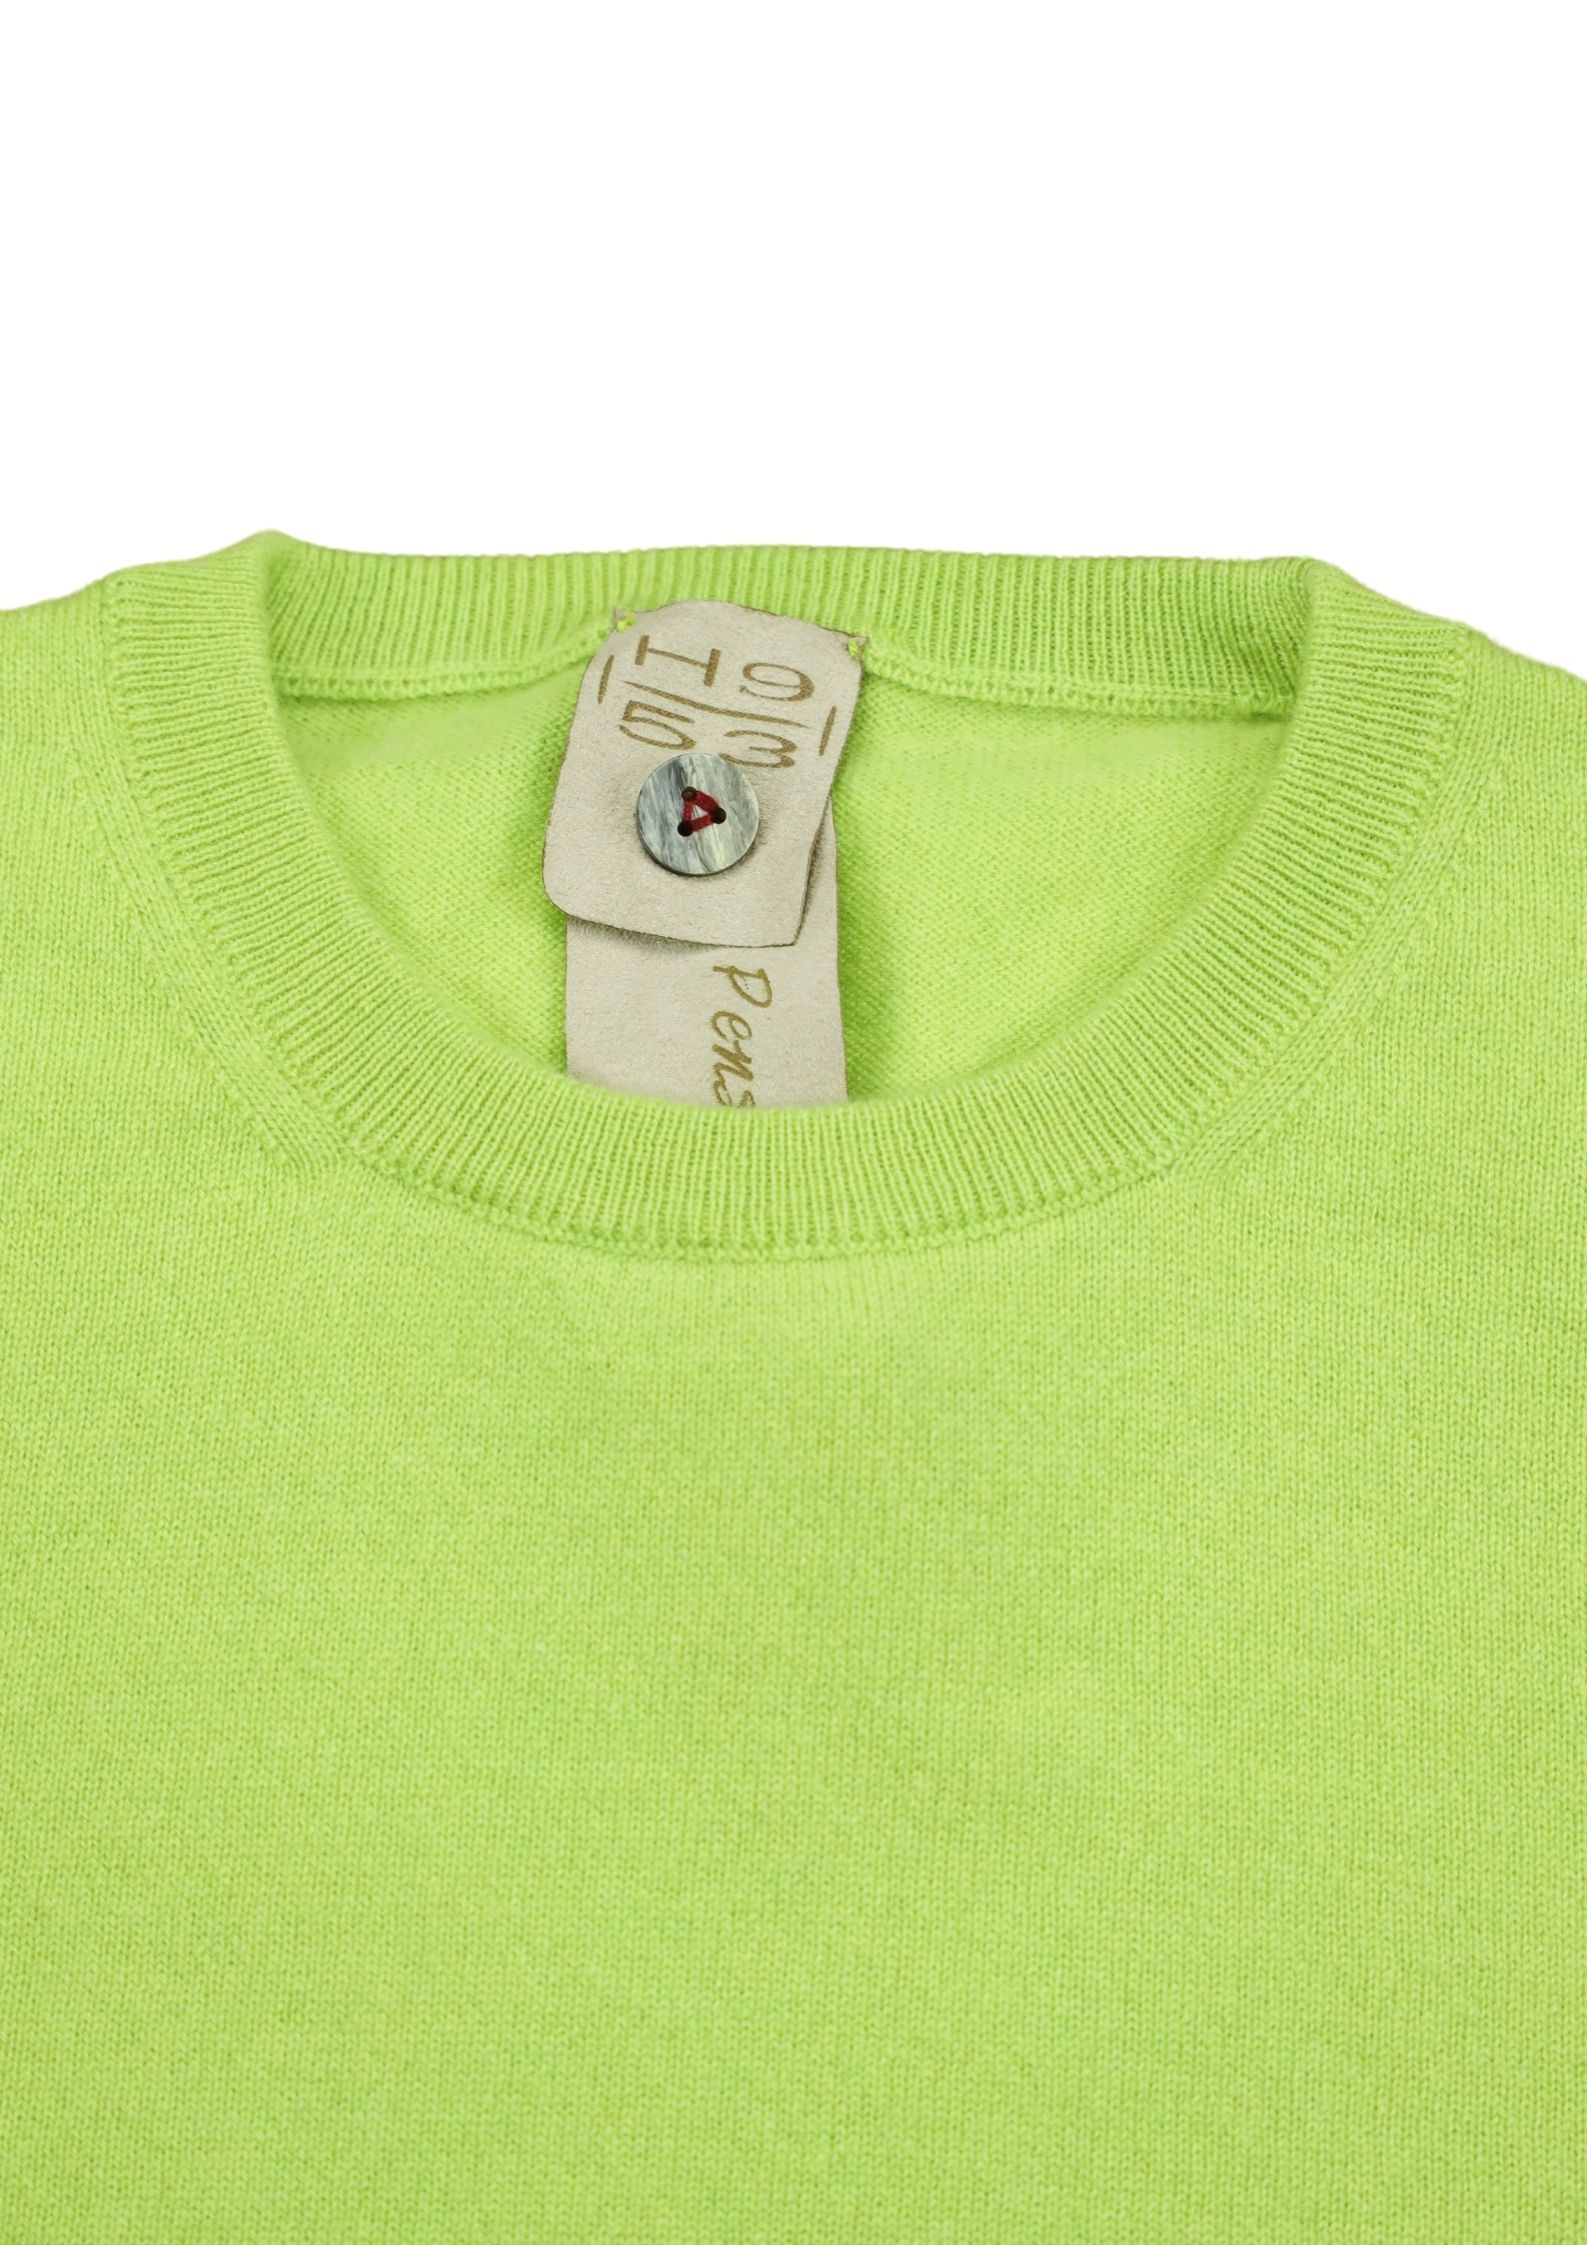 Pullover girocollo in cashmere 100%  due fili H953 | Maglieria | 299720